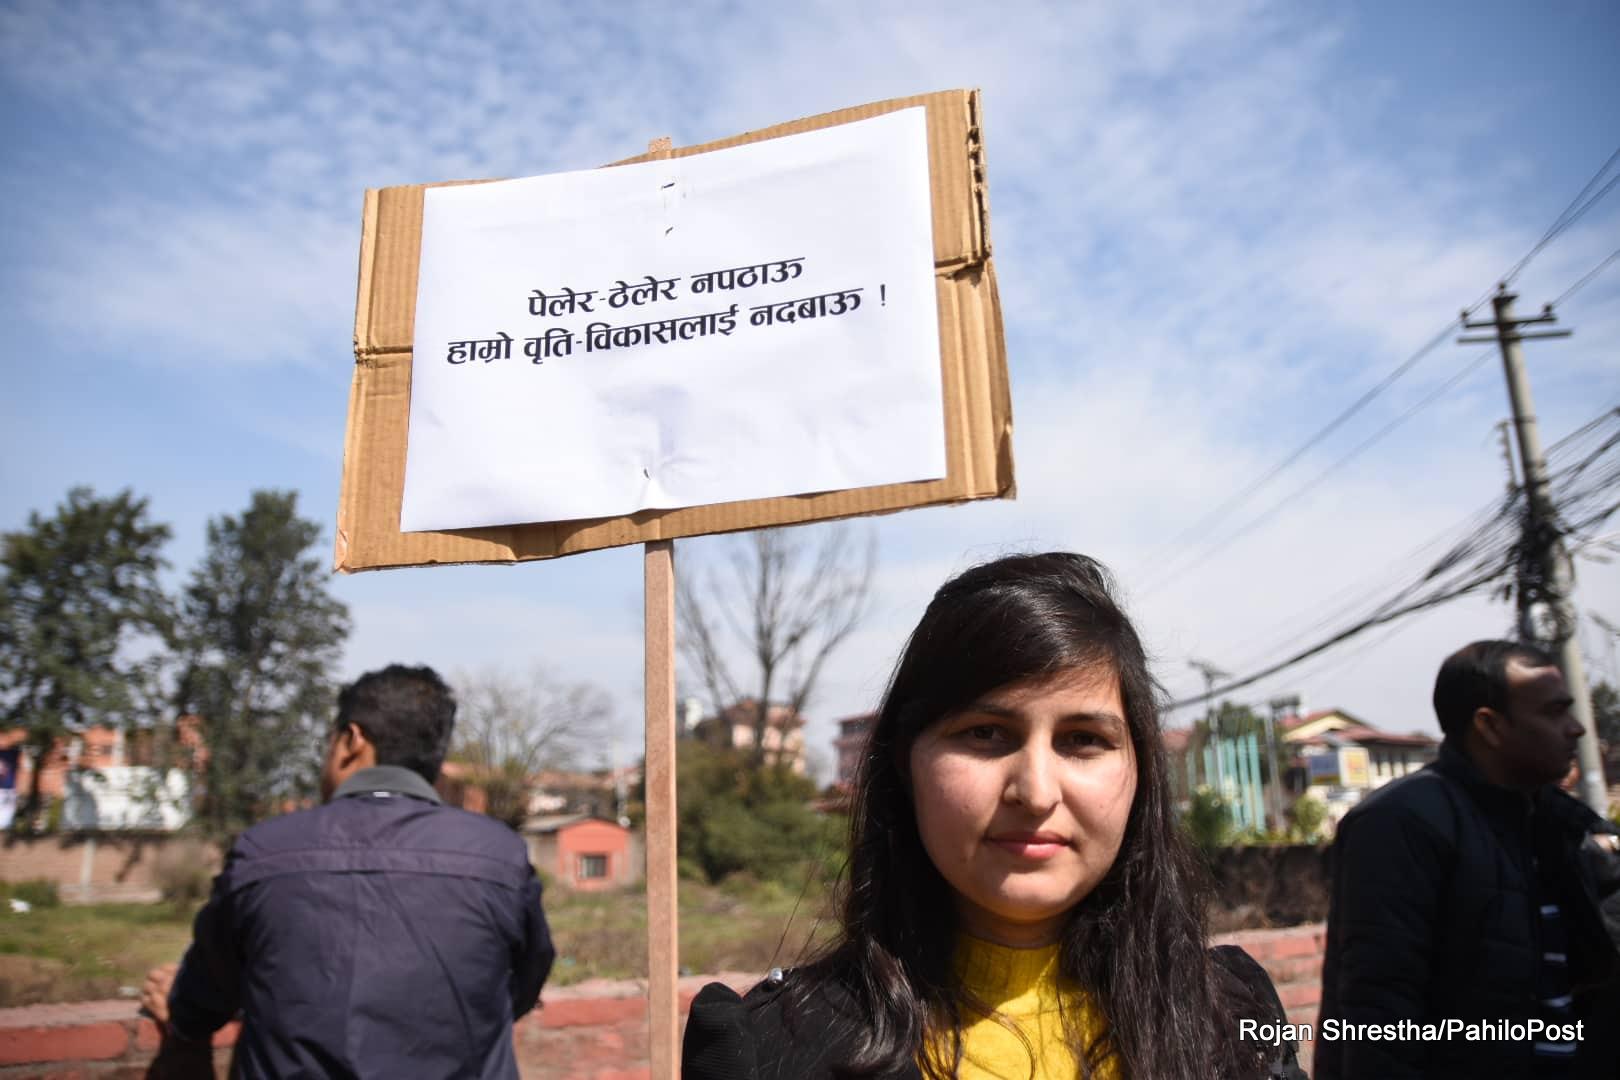 'यति तल नझर, सौतिनी व्यवहार नगर' भन्दै आन्दोलनमा उत्रिए सरकारी डाक्टरहरु